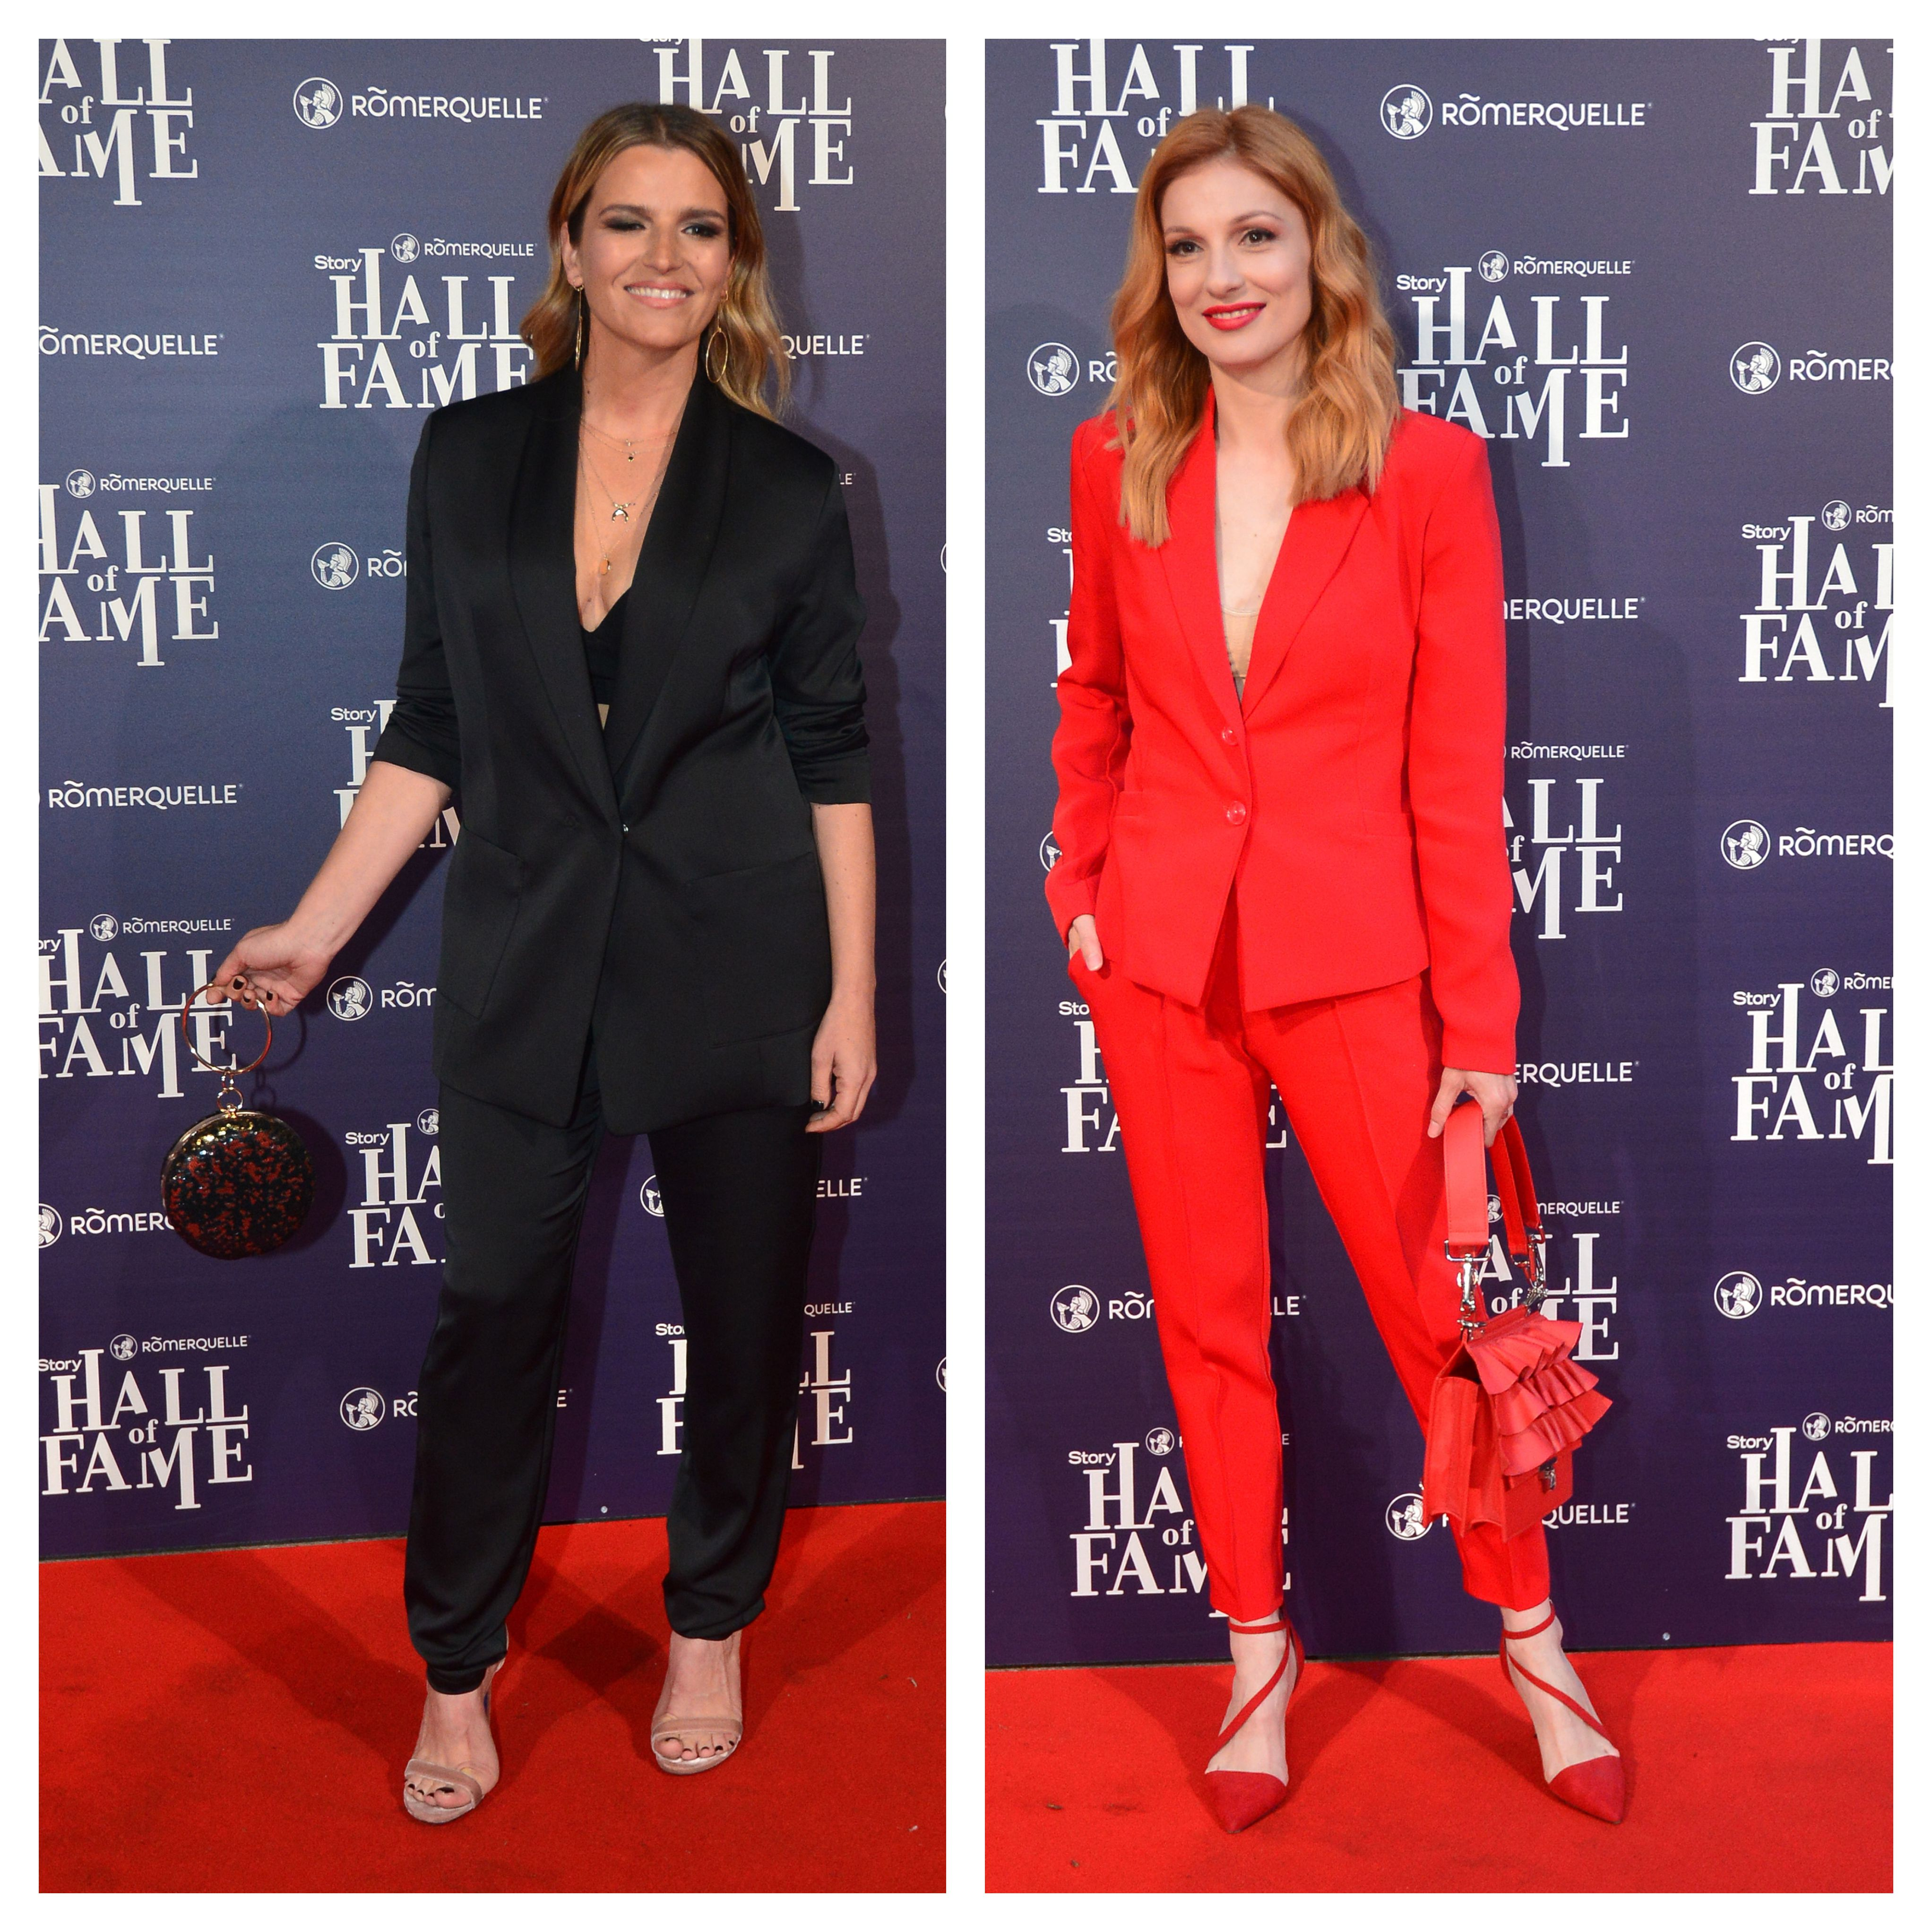 Crno ili crveno odijelo? Antonija Blaće i Vanda Winter ovaj must have komad nose fantastično